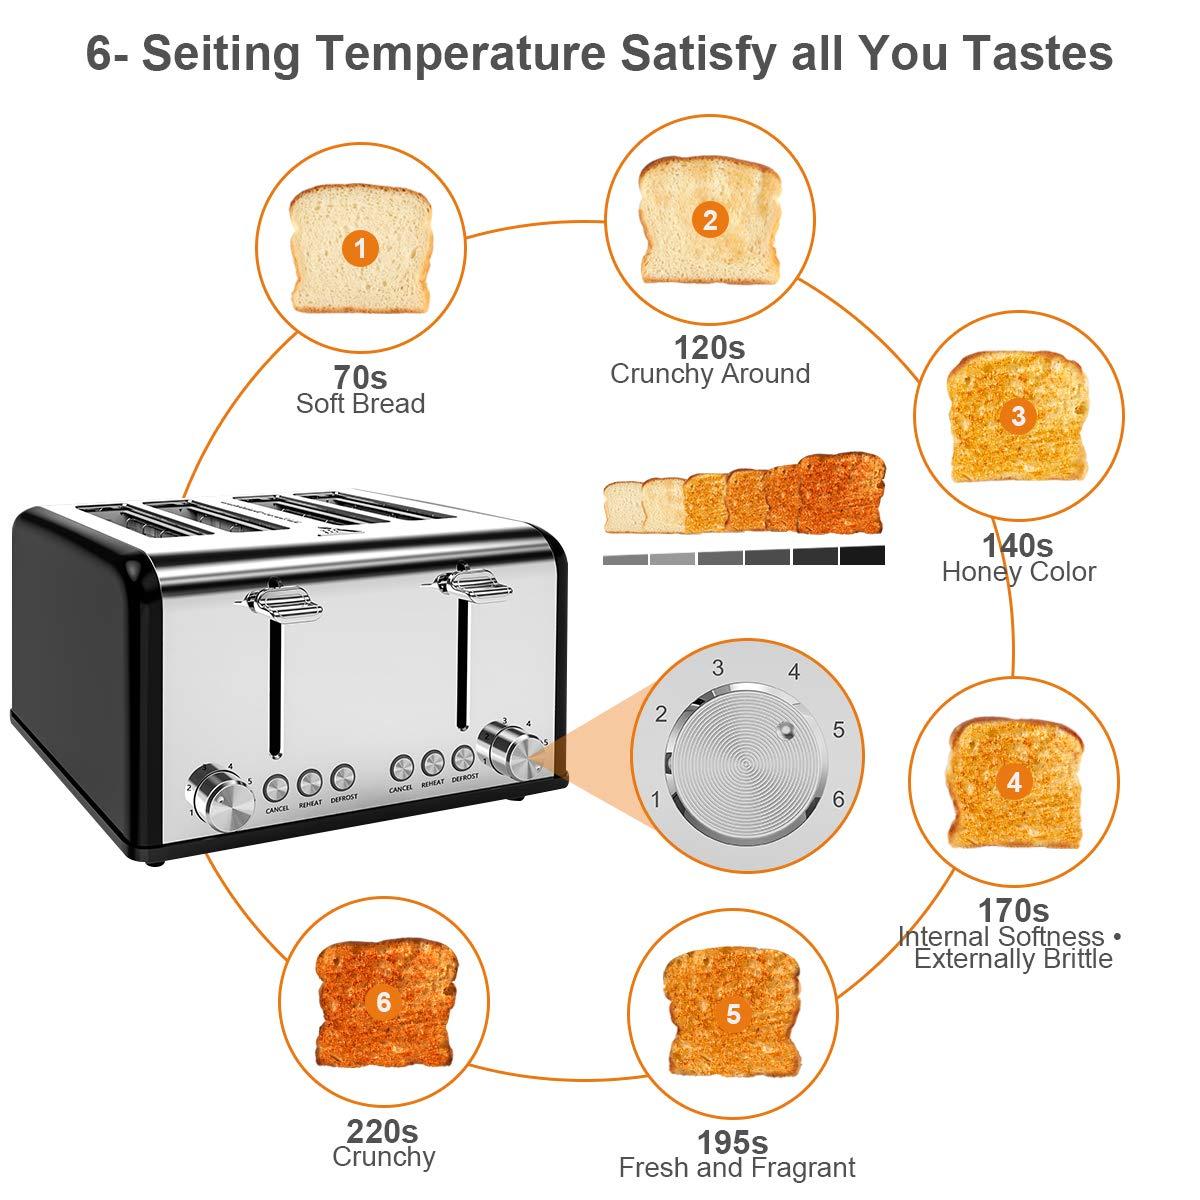 6 Br/äunungsstufen und 3 Kochfunktionen Morpilot Toaster edelstahl mit 4 scheiben 1600 Watt